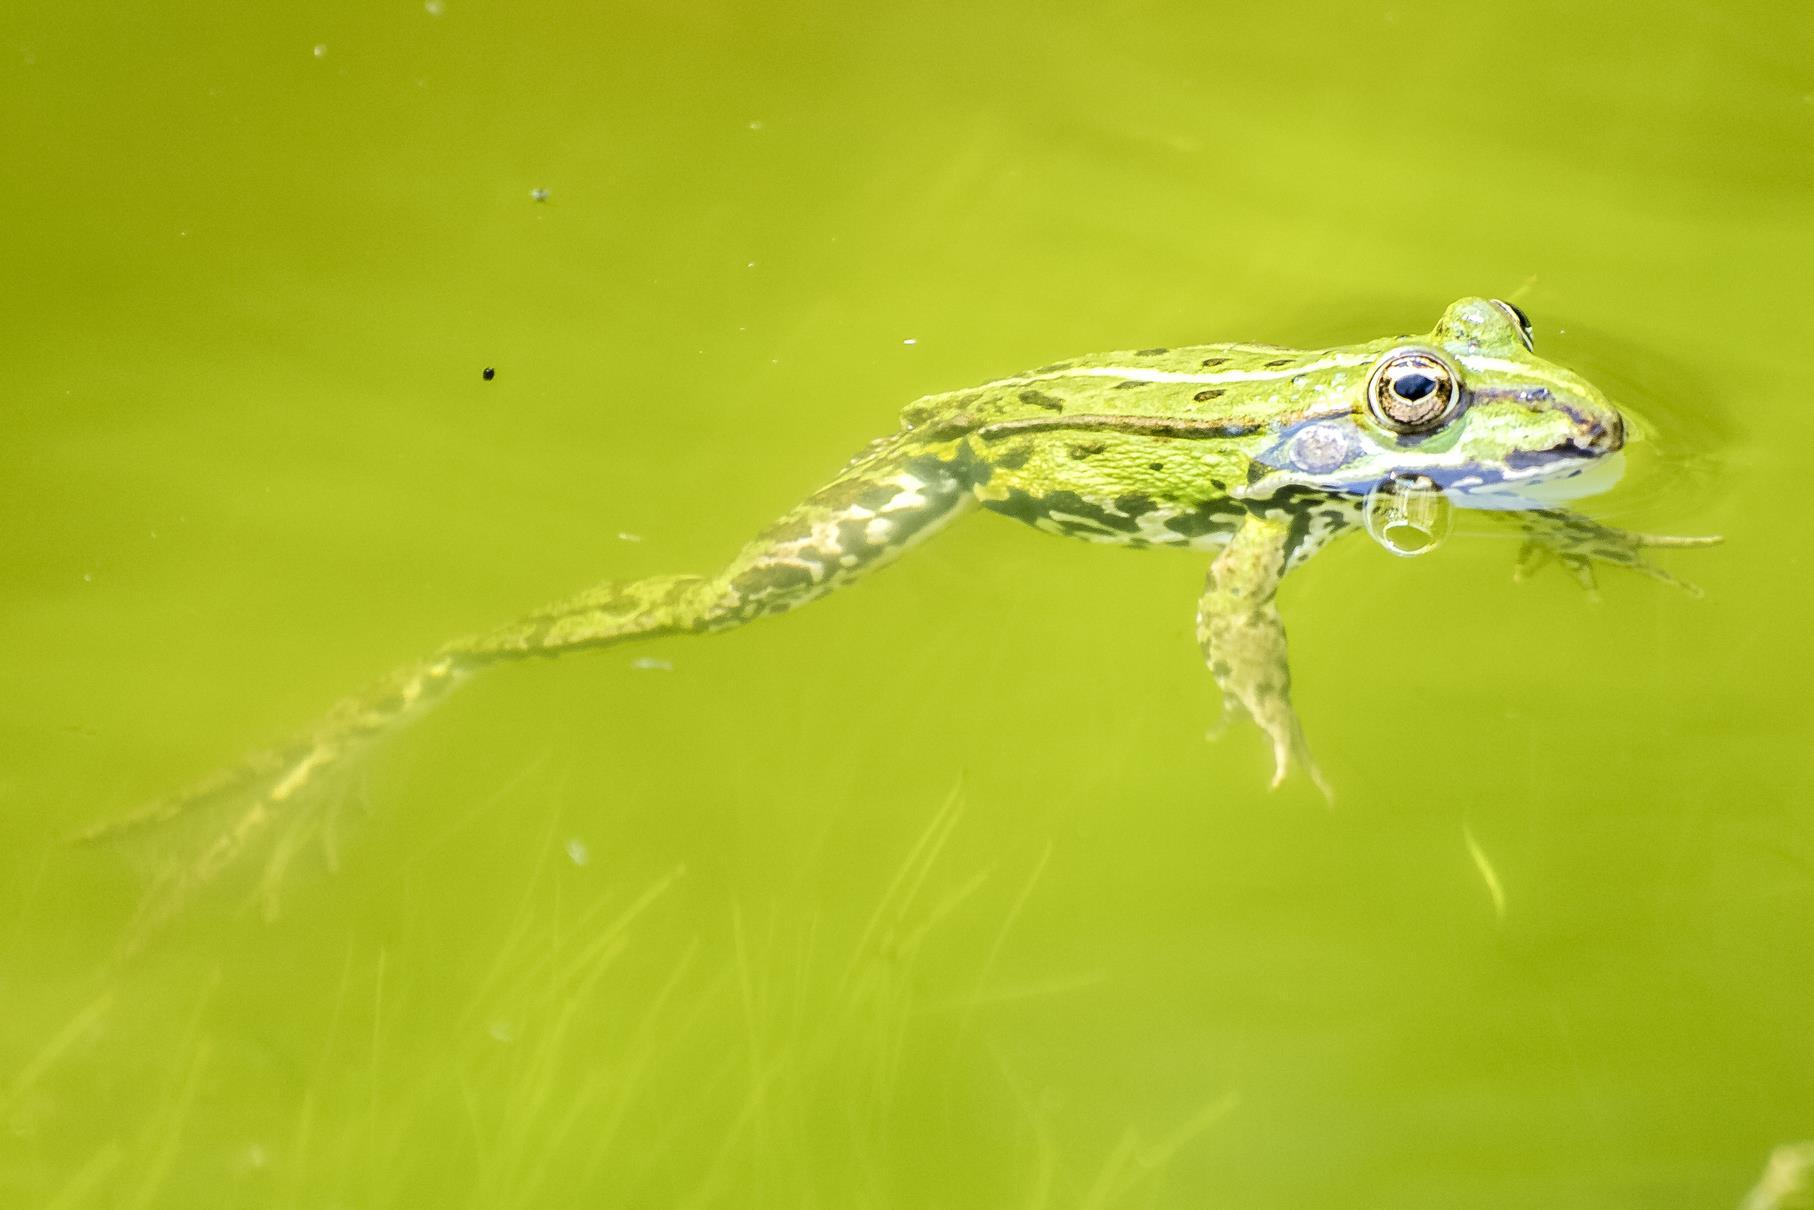 Ein Teichfrosch wärmt sich an der Wasseroberfläche. Alle Bilder: Kathy Büscher.